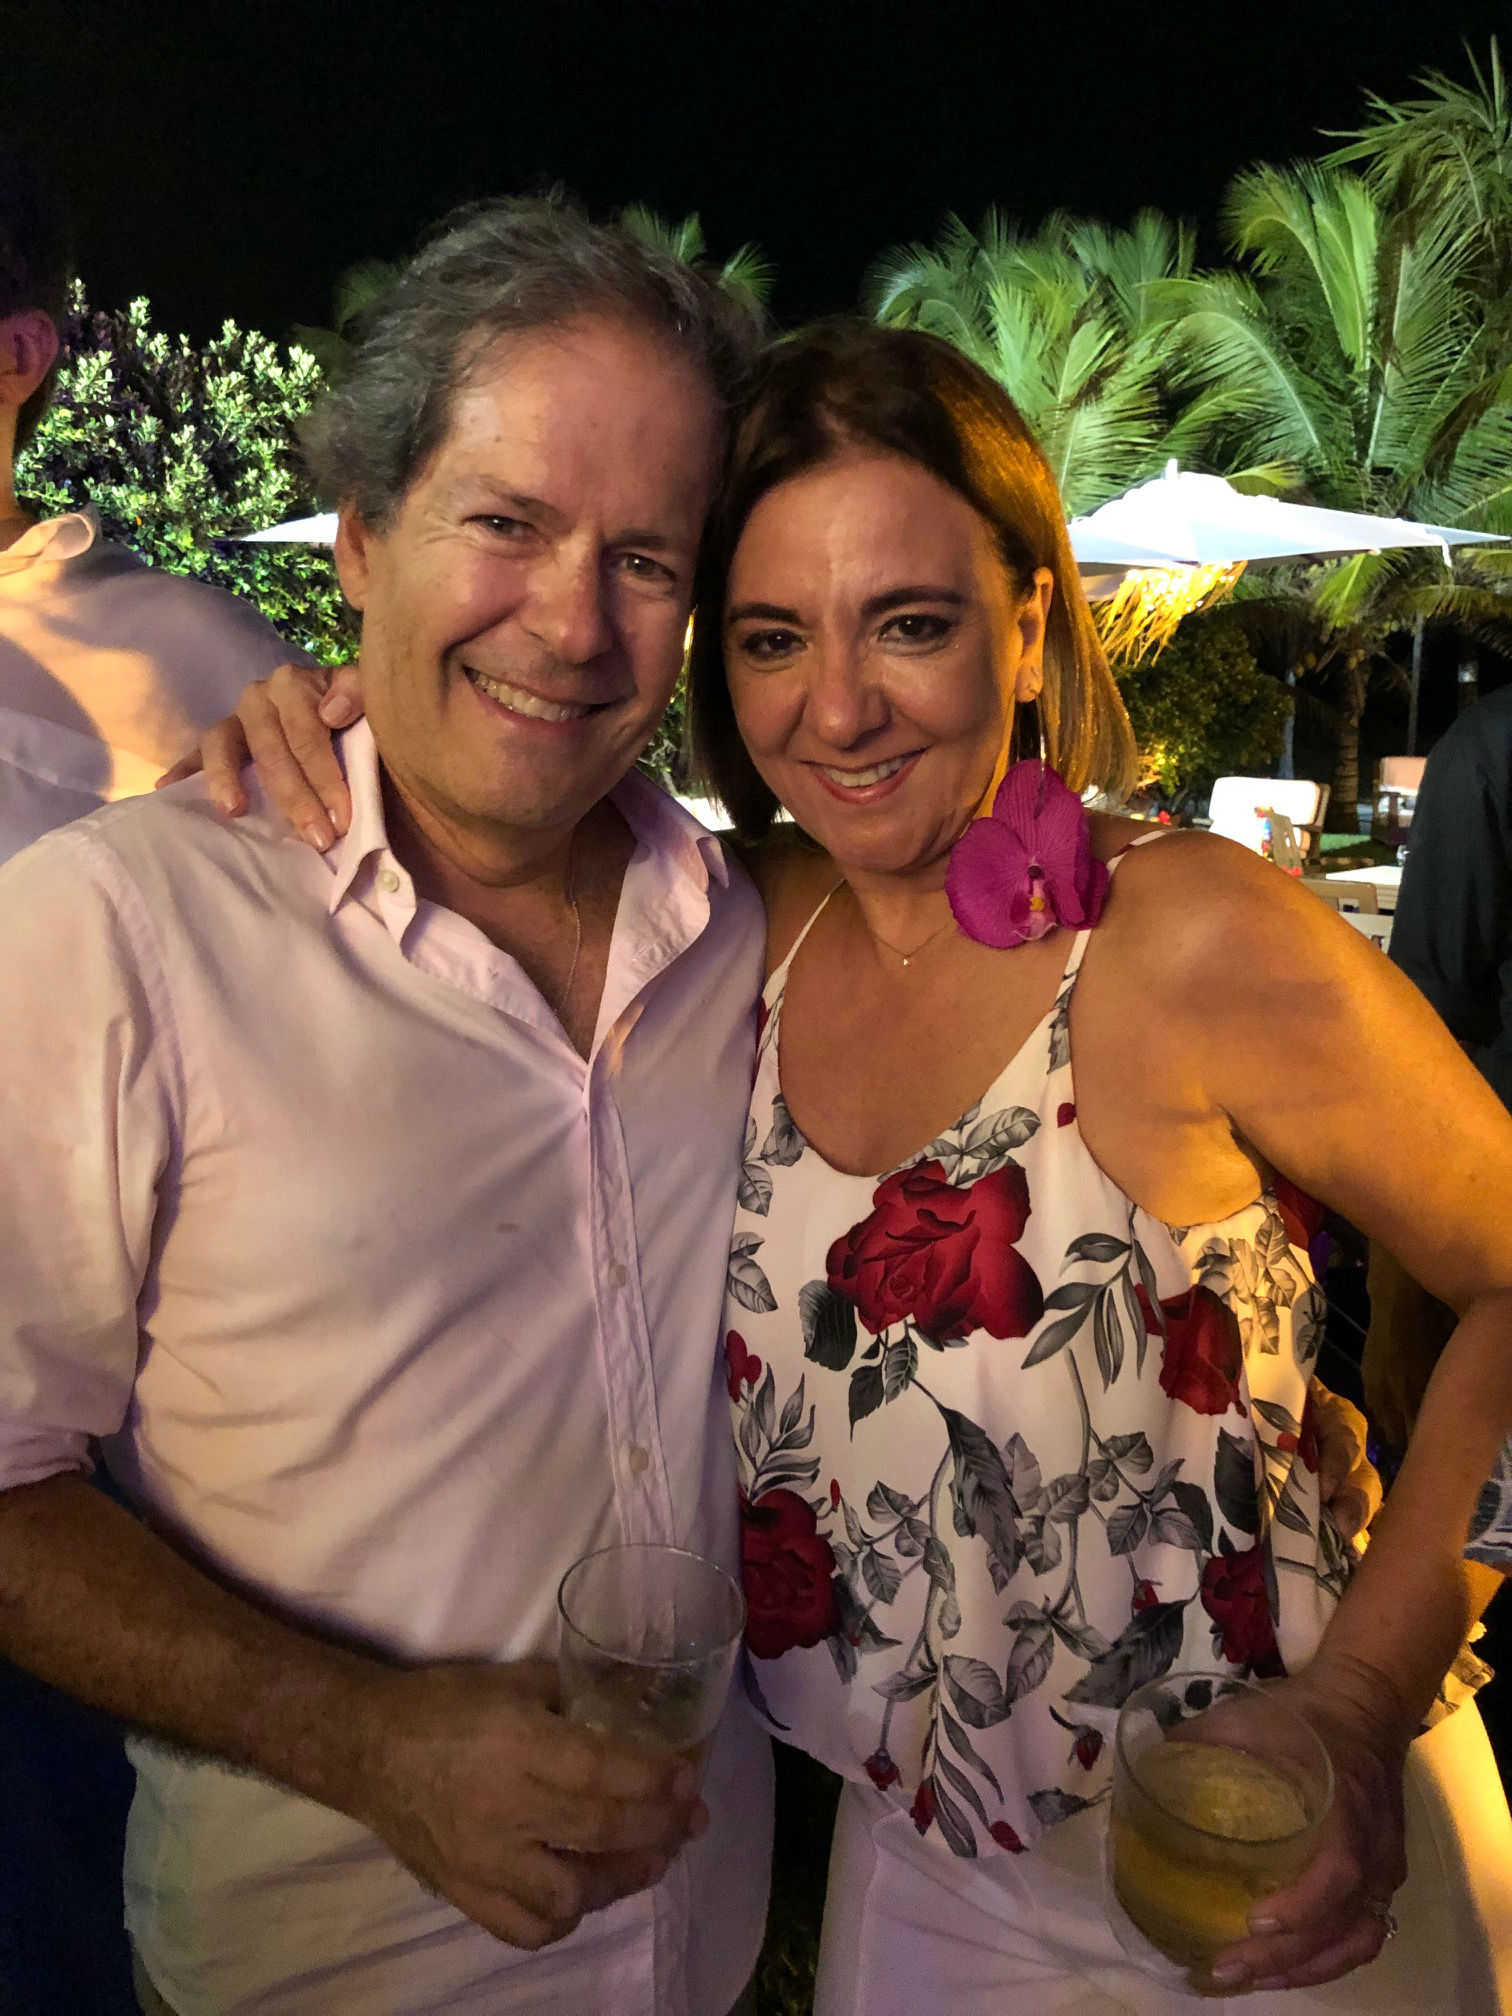 Victor e Maria Helena Bandeira de Melo também curtiram muito a noite pra lá de animada. Foto: Gaúcho|Aerorec